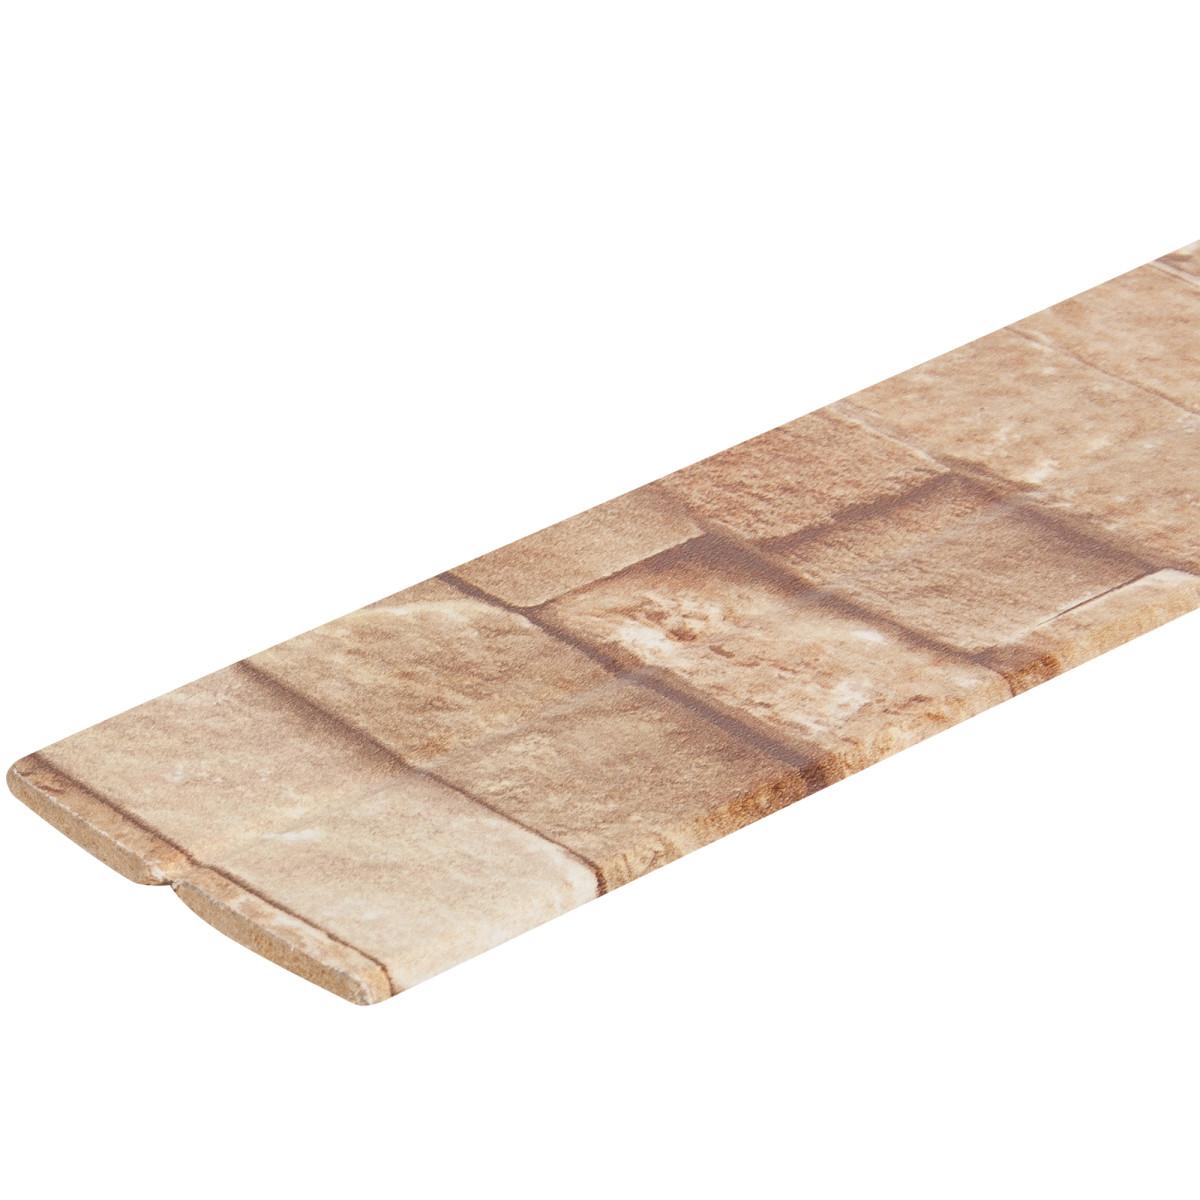 Уголок МДФ универсальный Камень оливковый 28x28x2600 мм